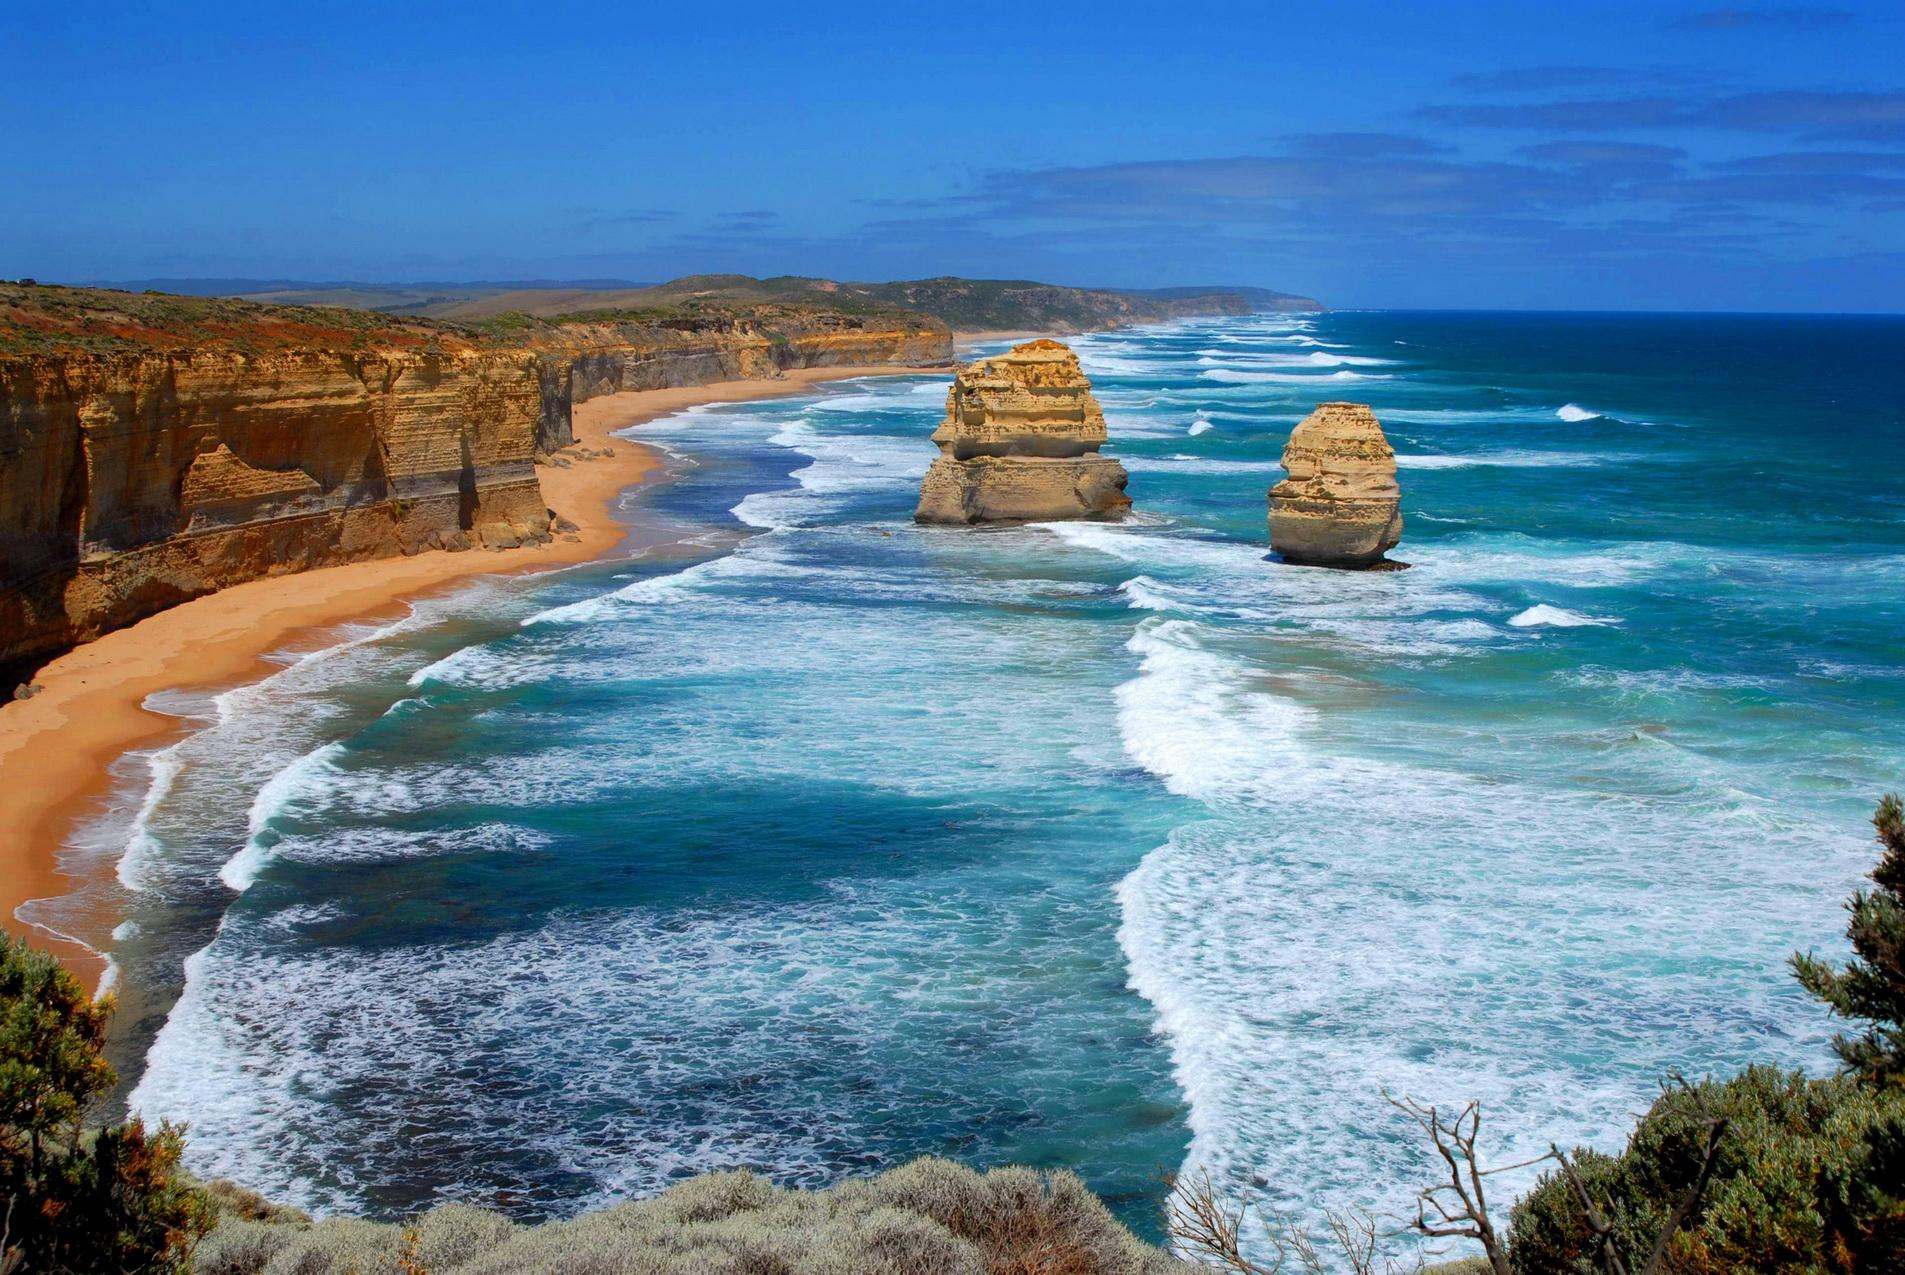 悉尼+澳大利亚11天0晚自由行费用 签证说明_